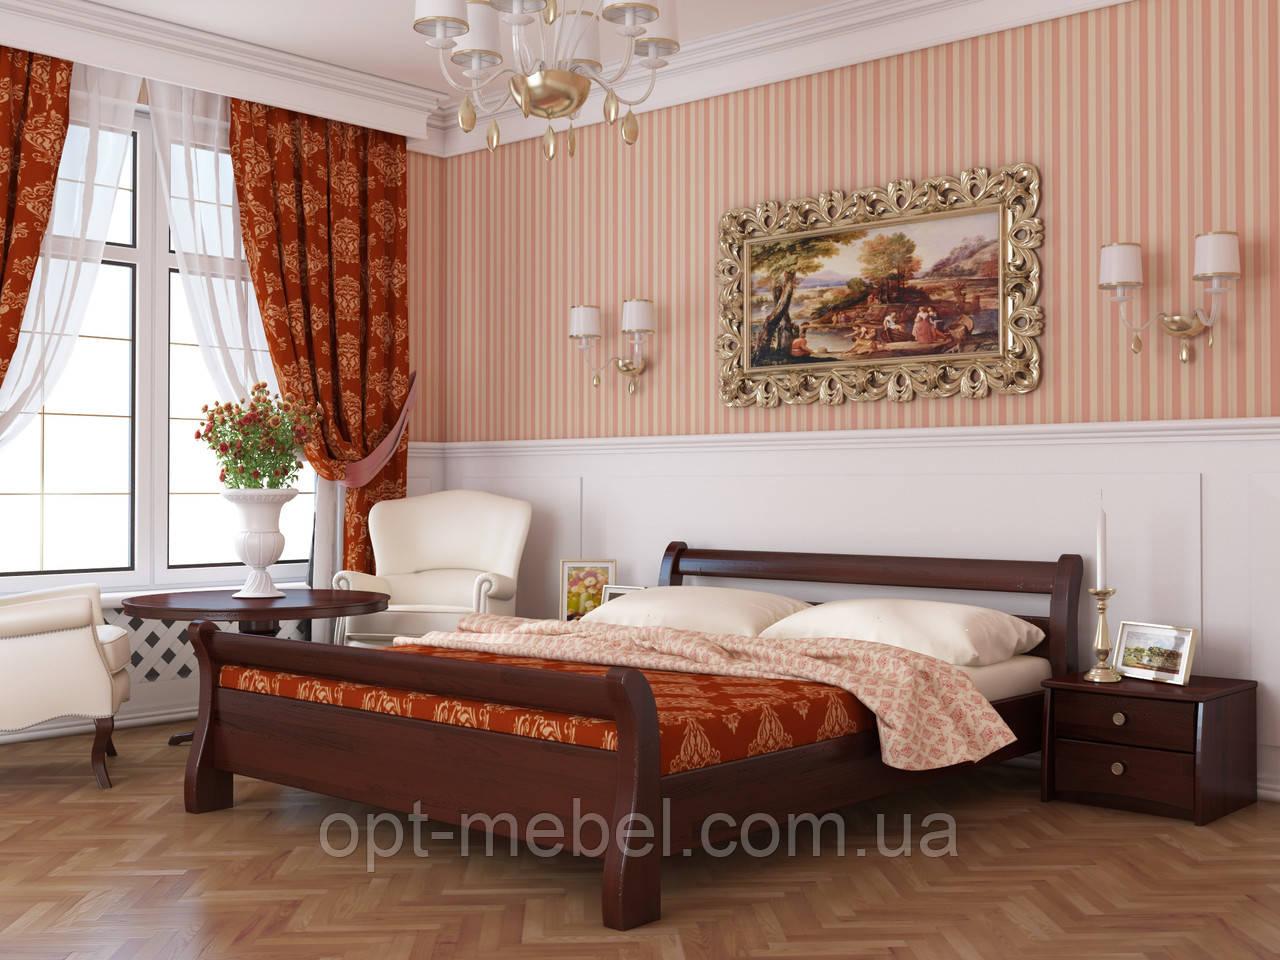 Кровать Диана Эстелла 160*200